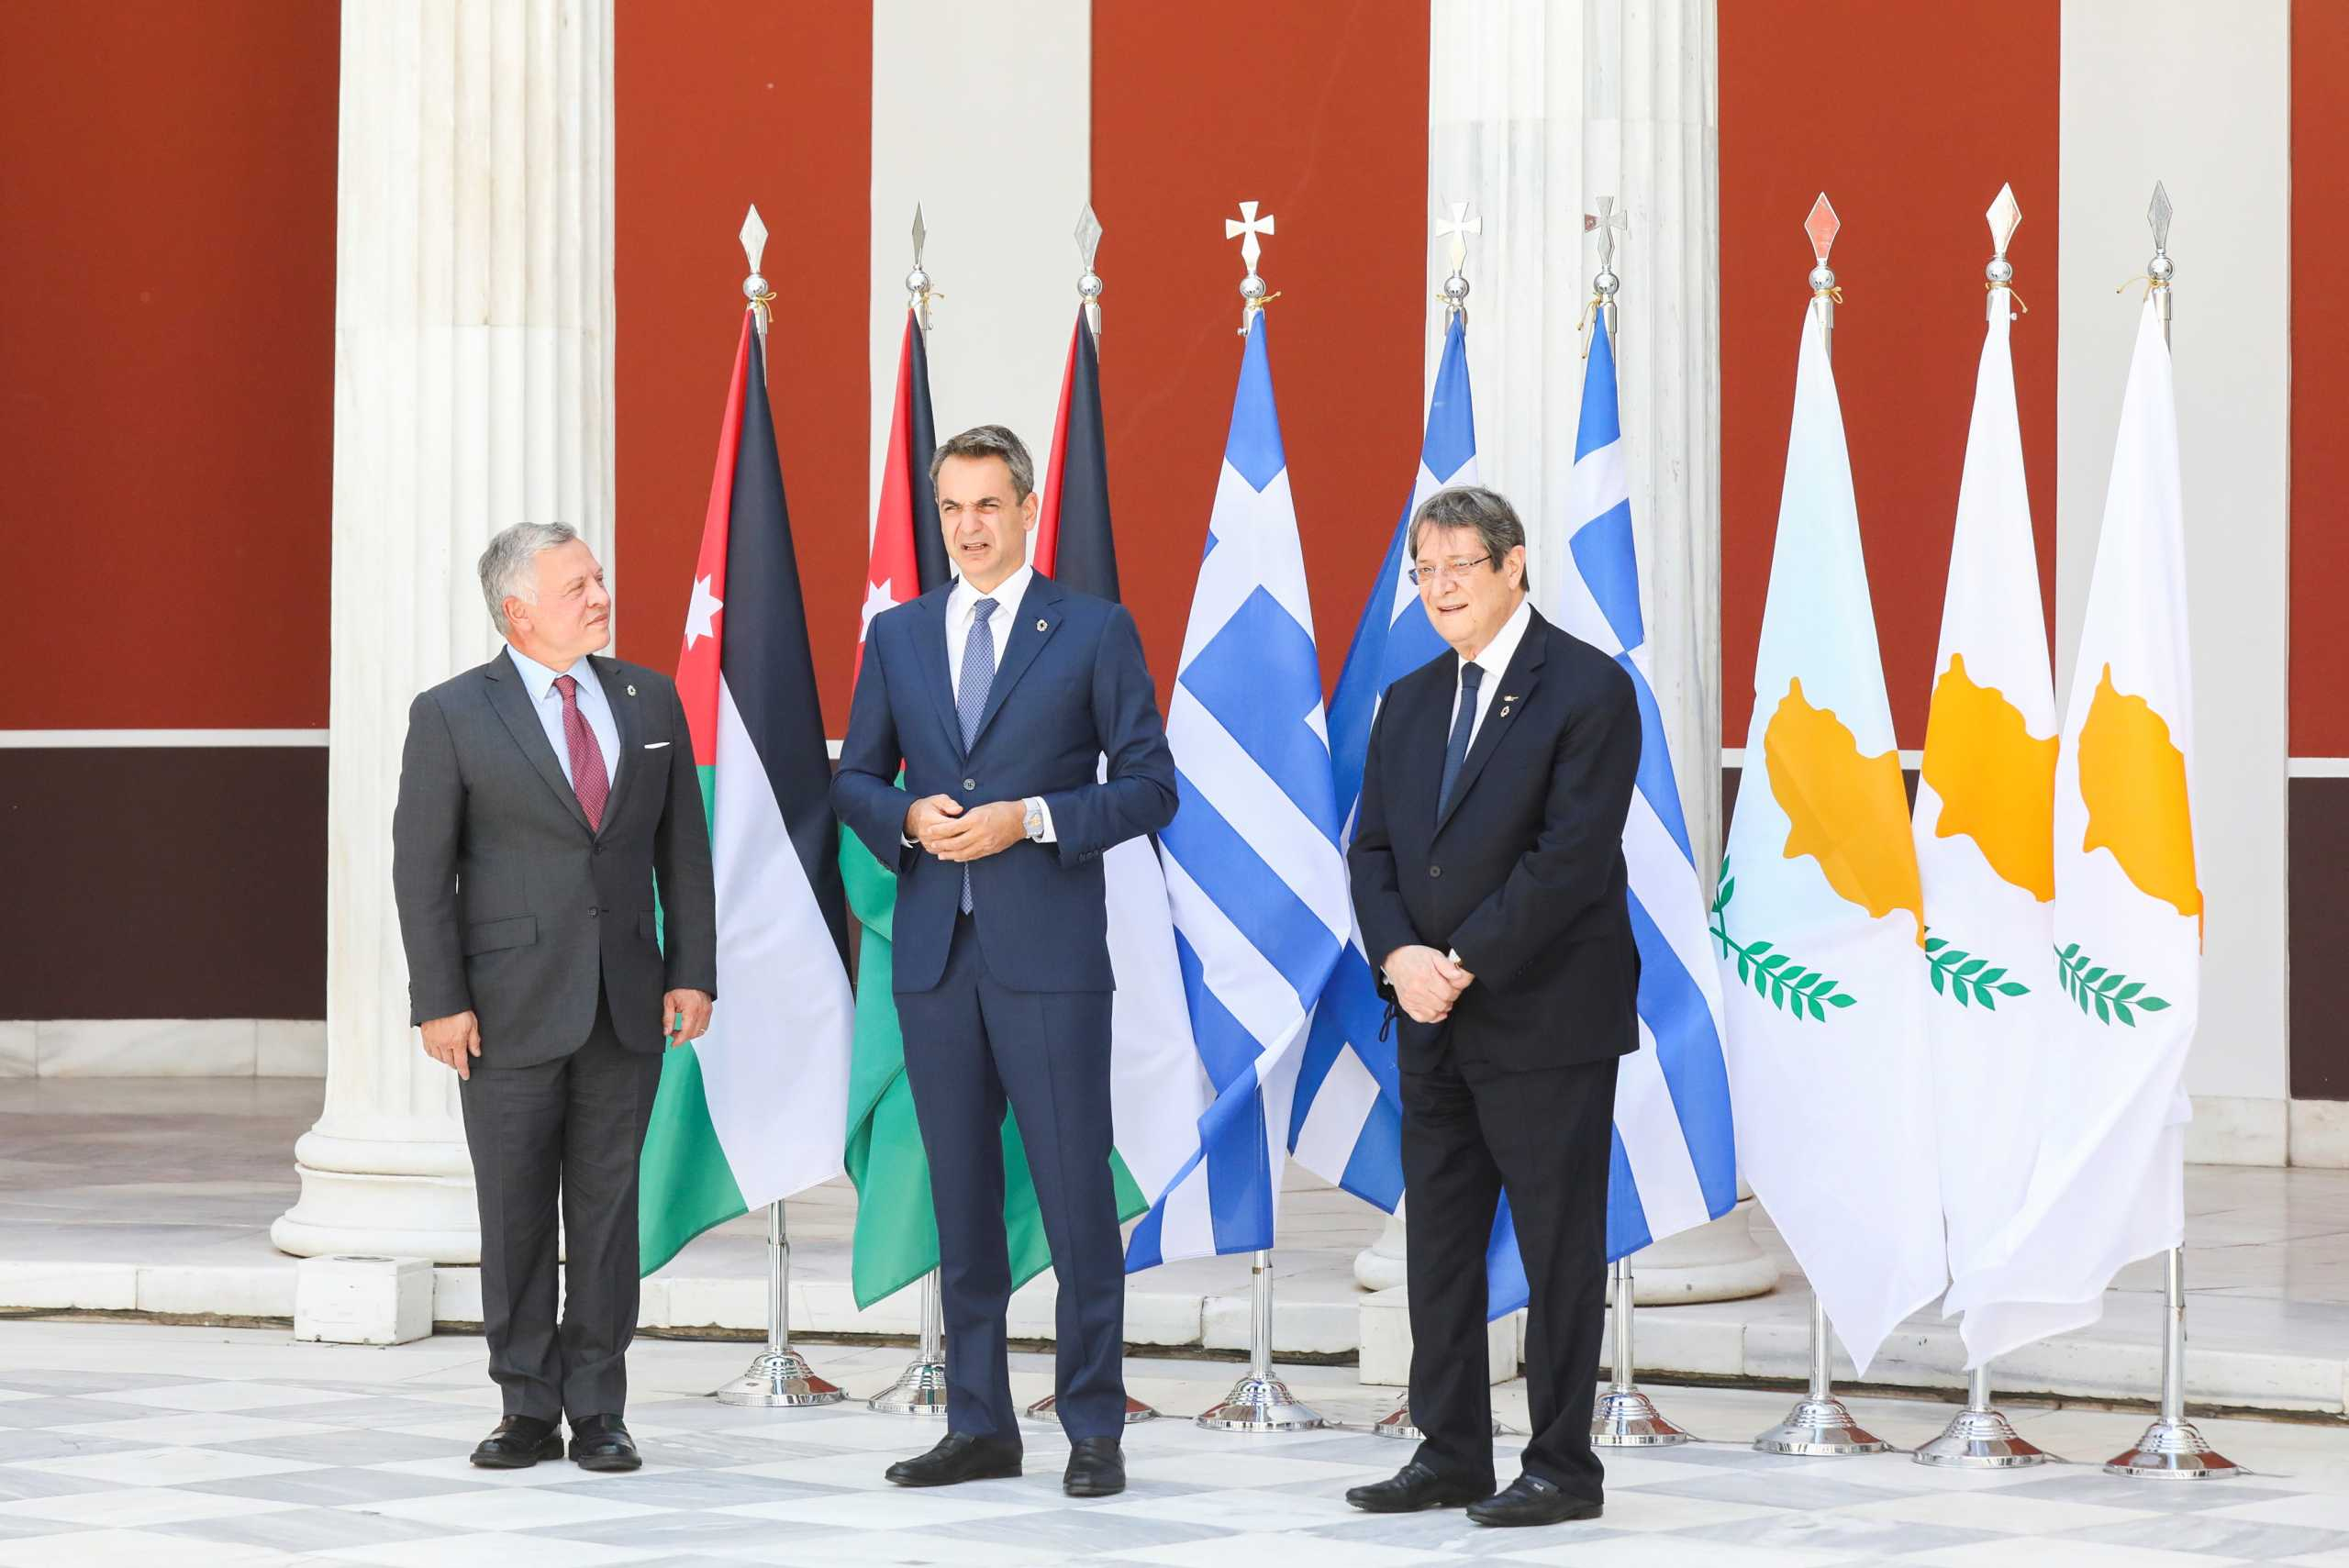 Κοινή δήλωση Ελλάδας-Κύπρου-Ιορδανίας: Δίκαιη, συνολική και βιώσιμη επίλυση στο Κυπριακό